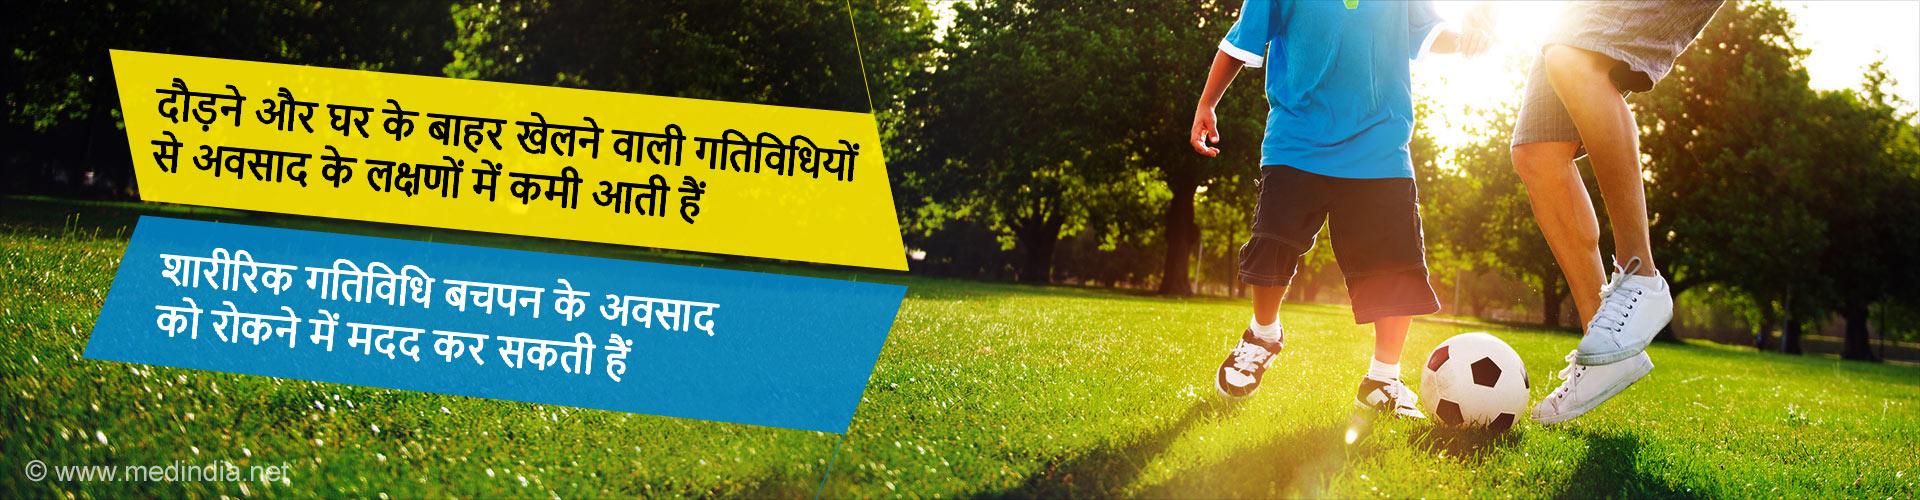 - दौड़ने और घर के बाहर खेलने वाली गतिविधियों से अवसाद के लक्षणों में कमी आती हैं - शारीरिक गतिविधि बचपन के अवसाद को रोकने में मदद कर सकती हैं